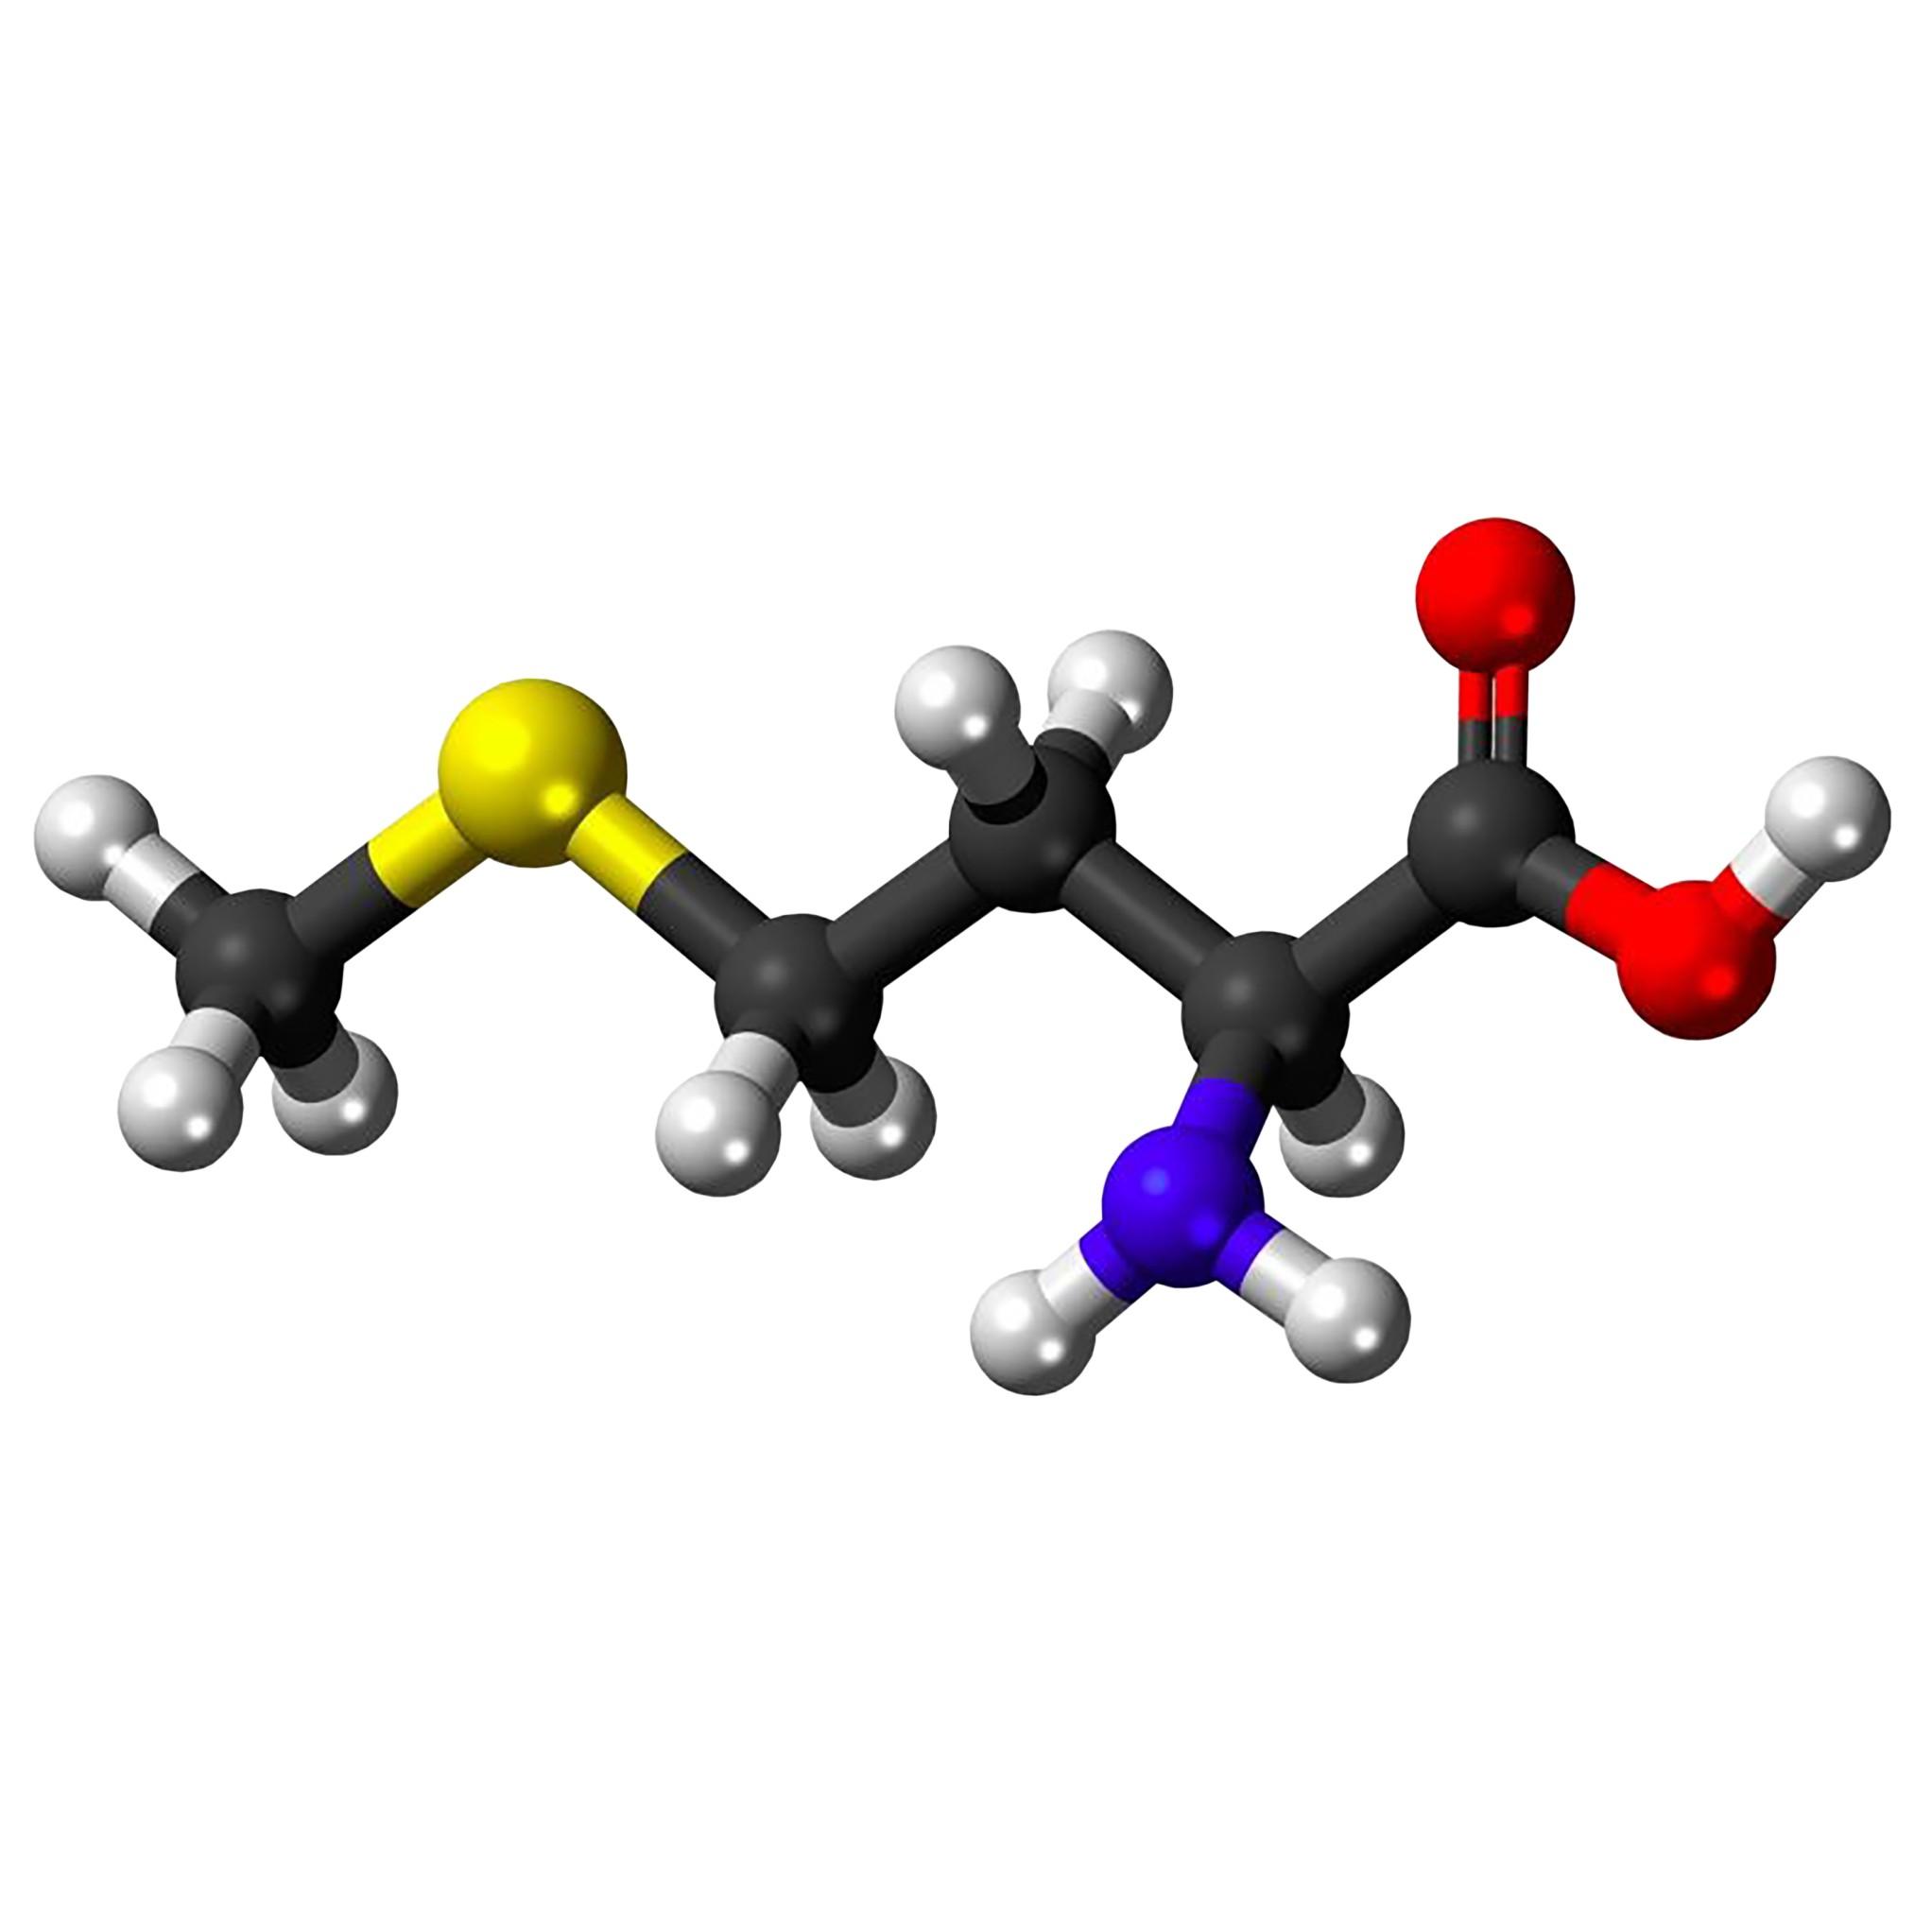 I Mthionine Structure Image